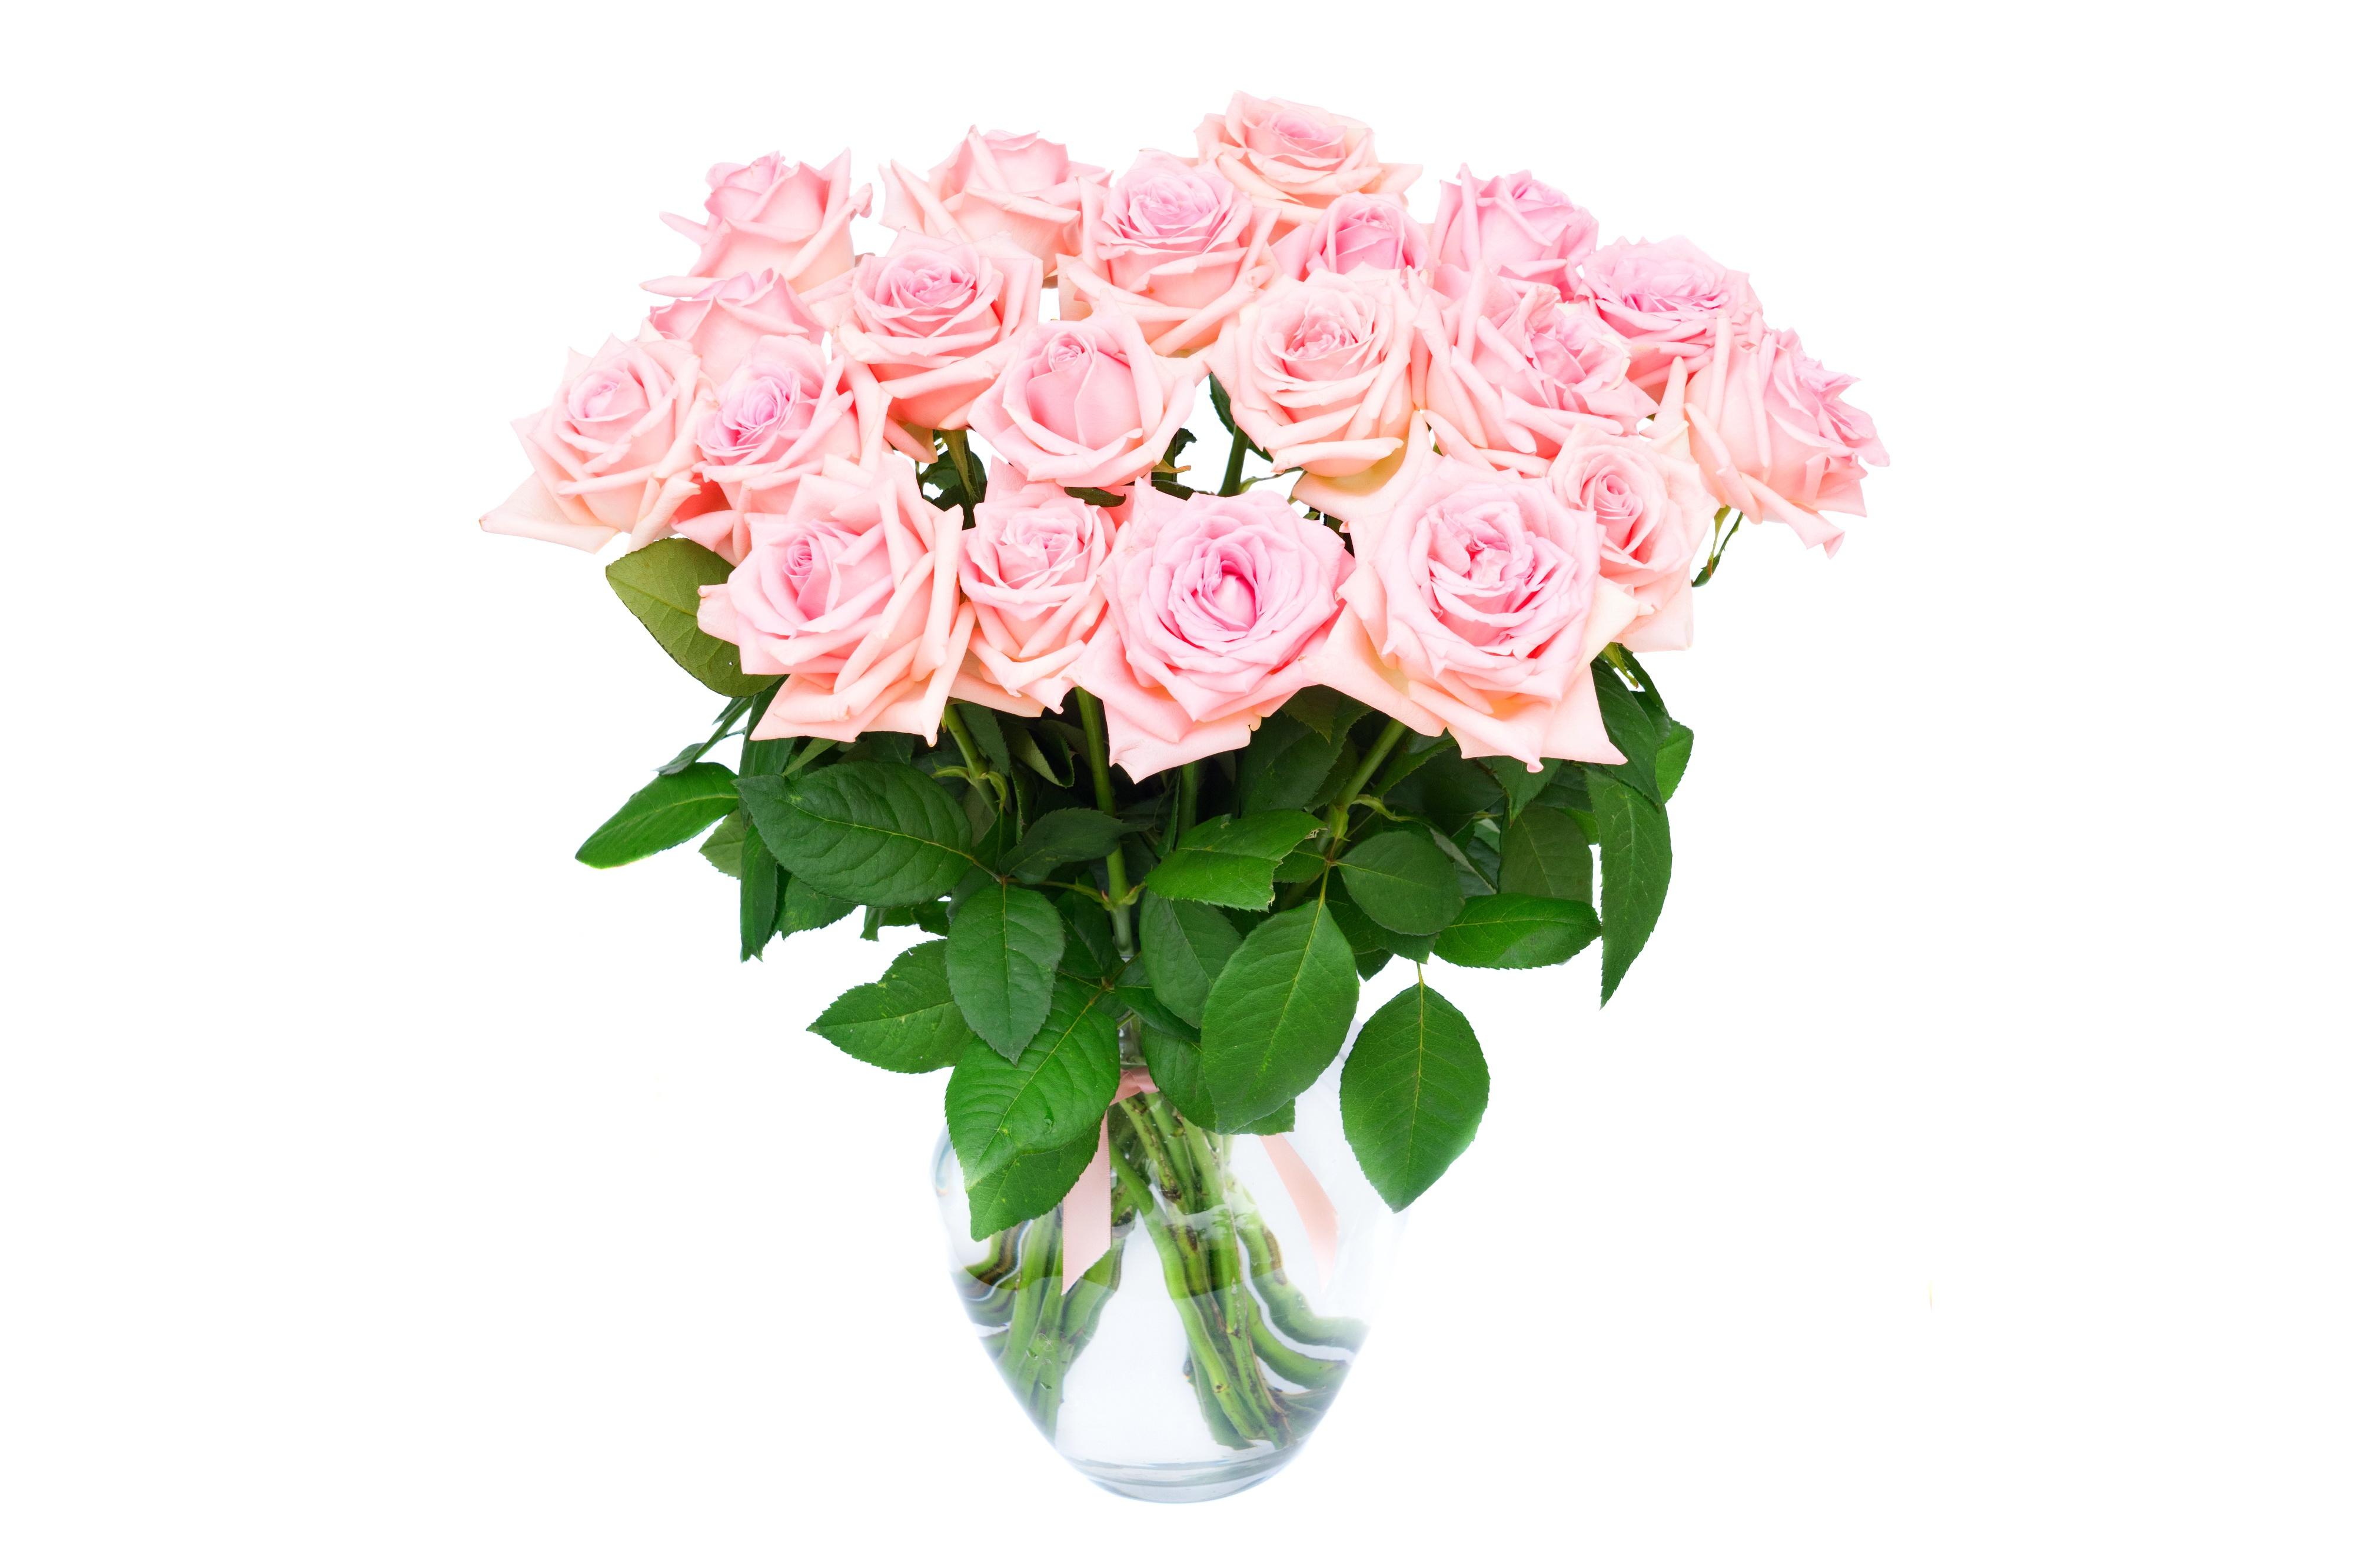 Цветы картинки букеты розовые розы